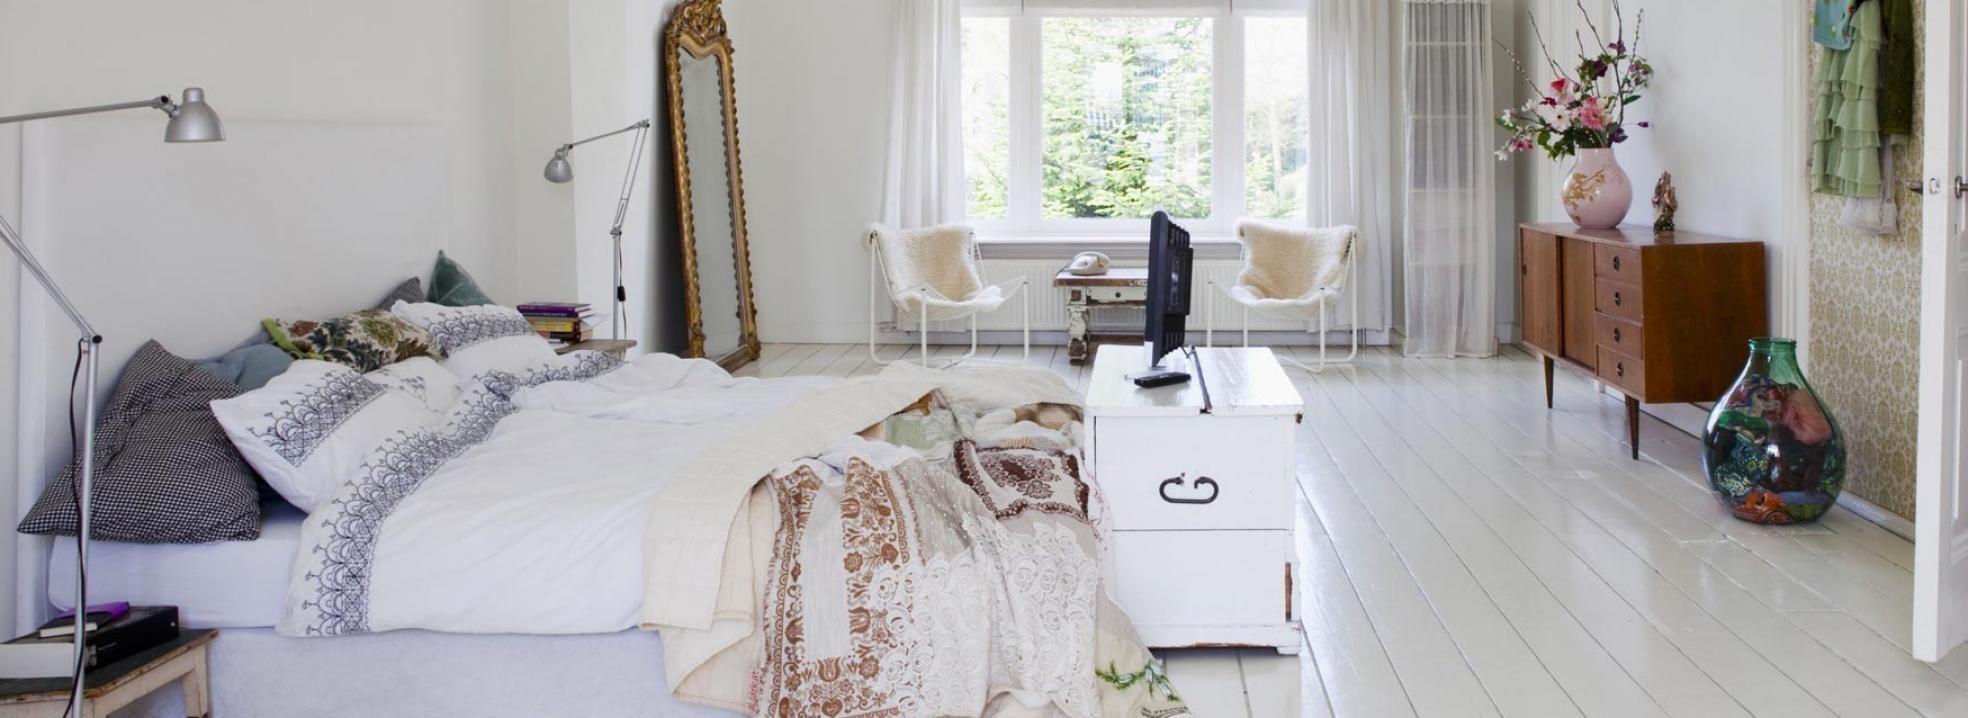 Mettez du cachet ! | Accessoires de décoration d\'intérieur chez ...